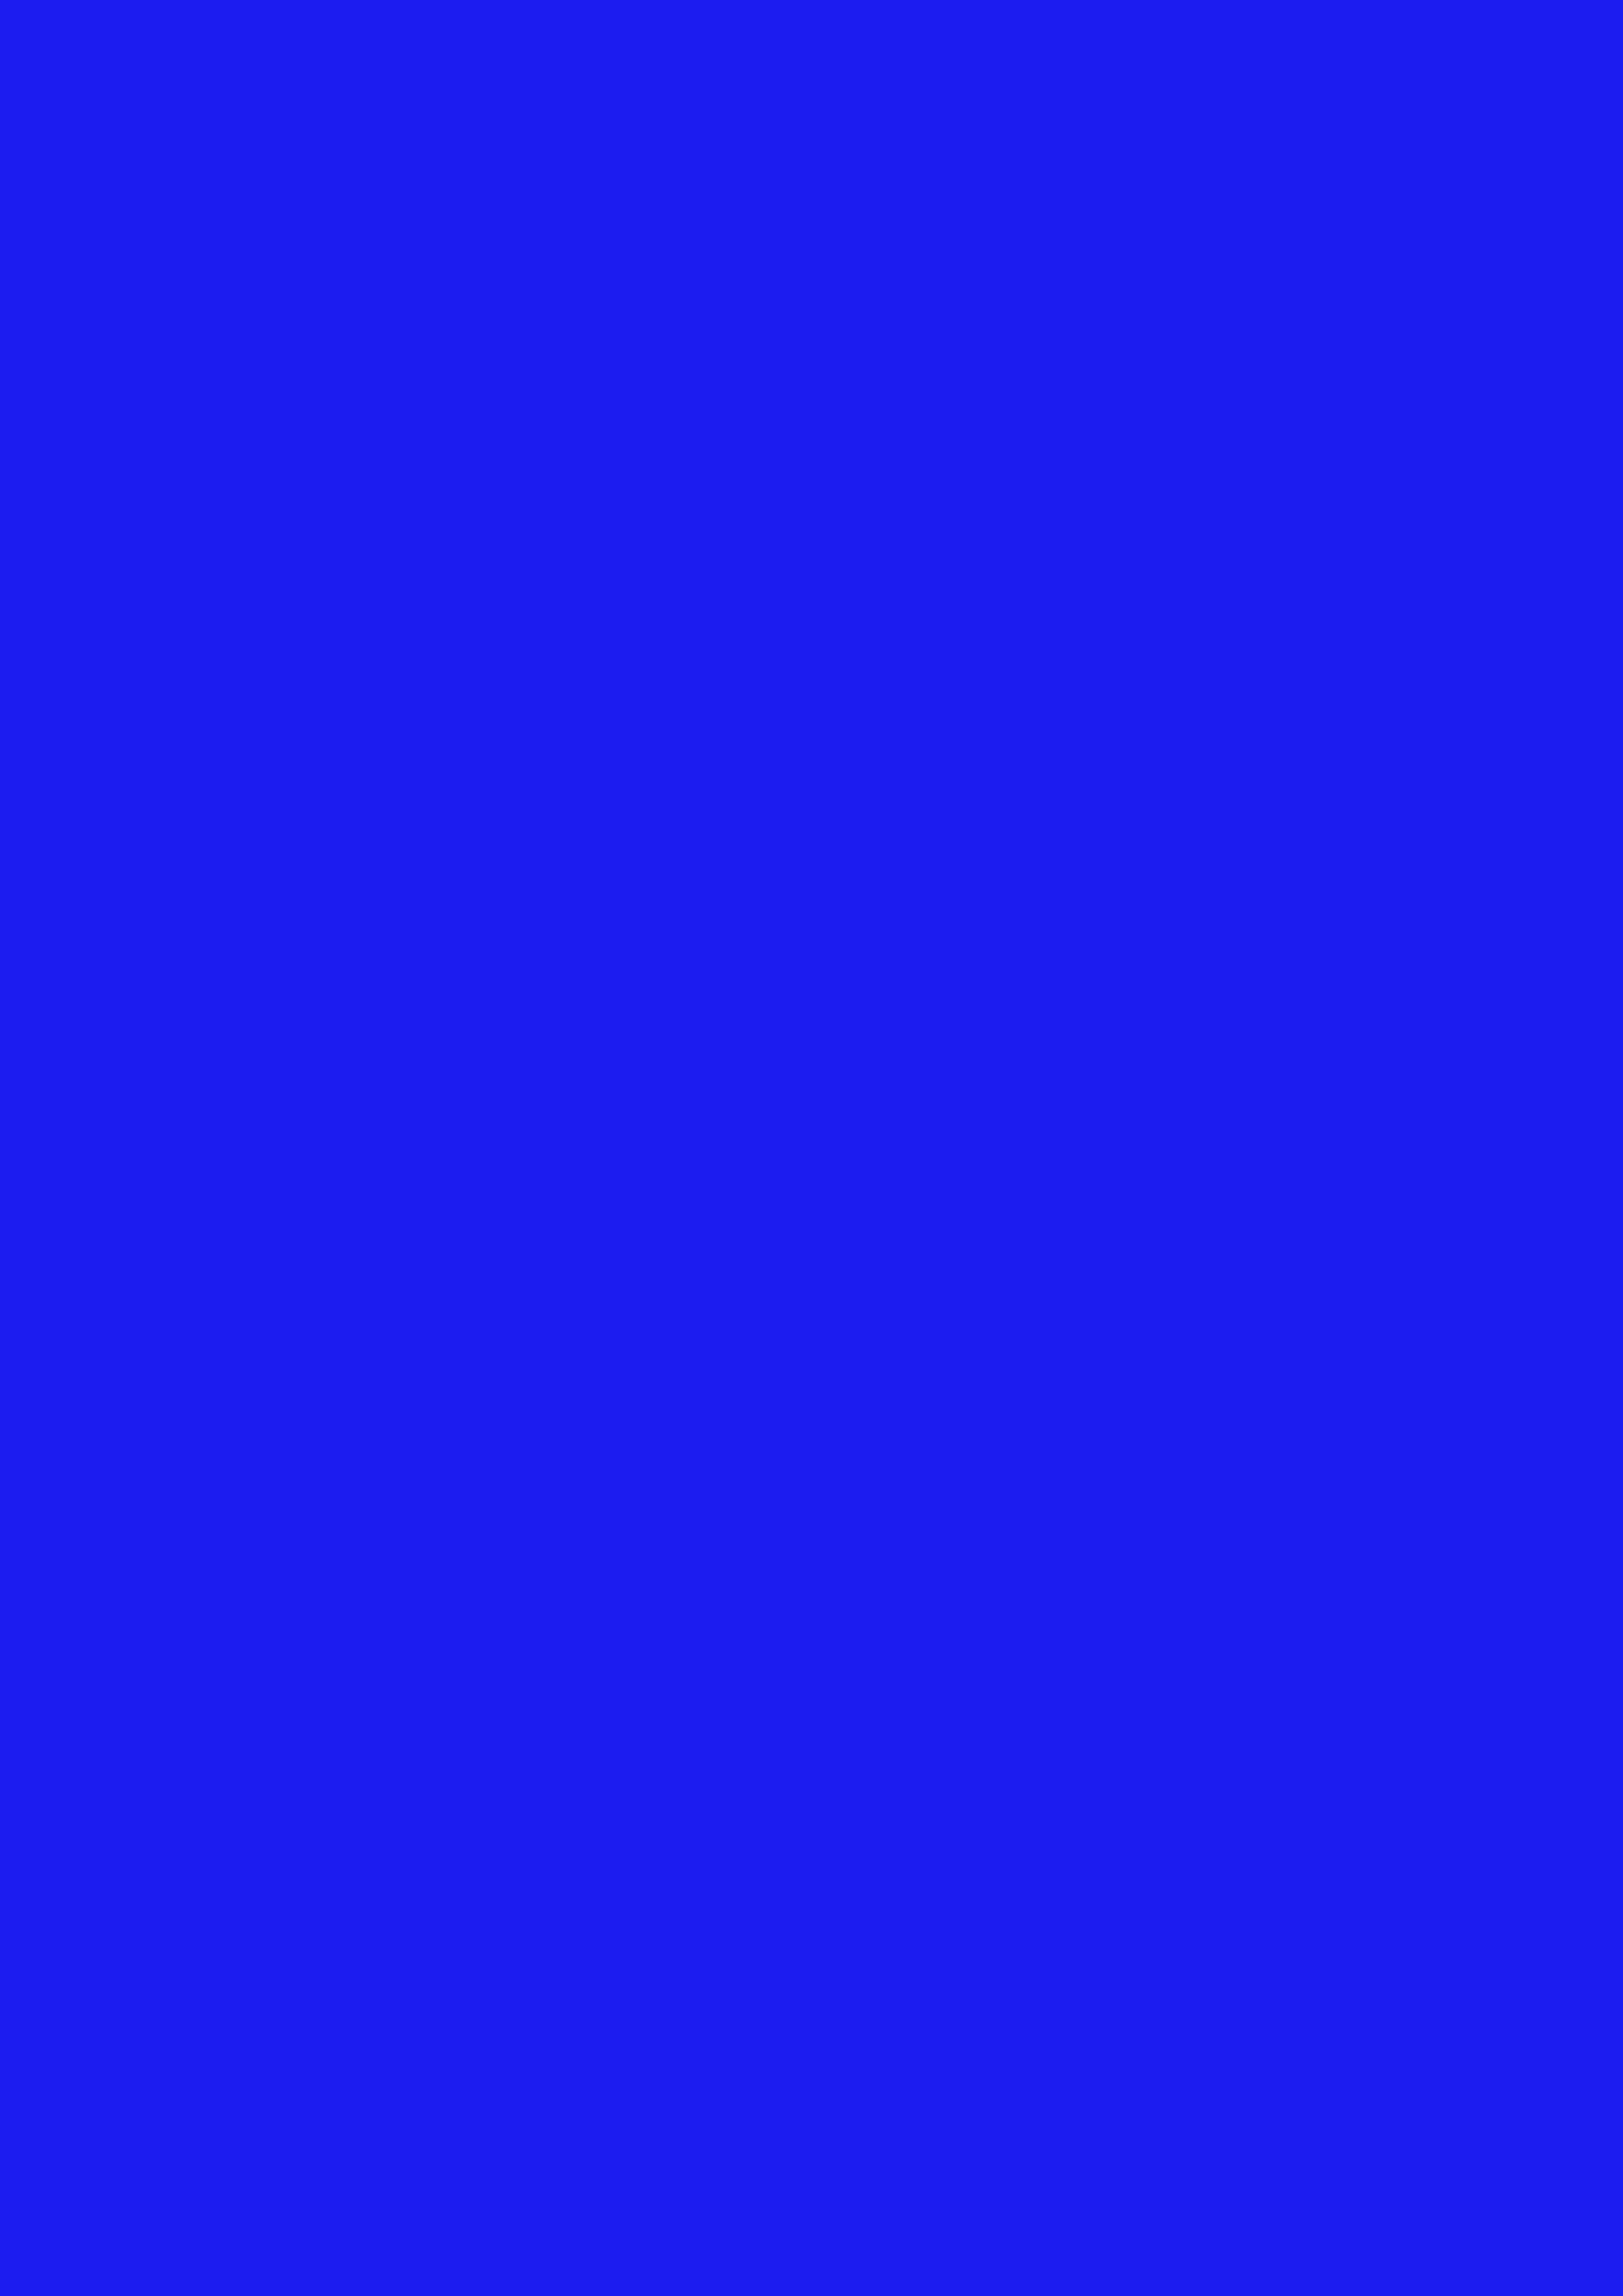 2480x3508 Bluebonnet Solid Color Background